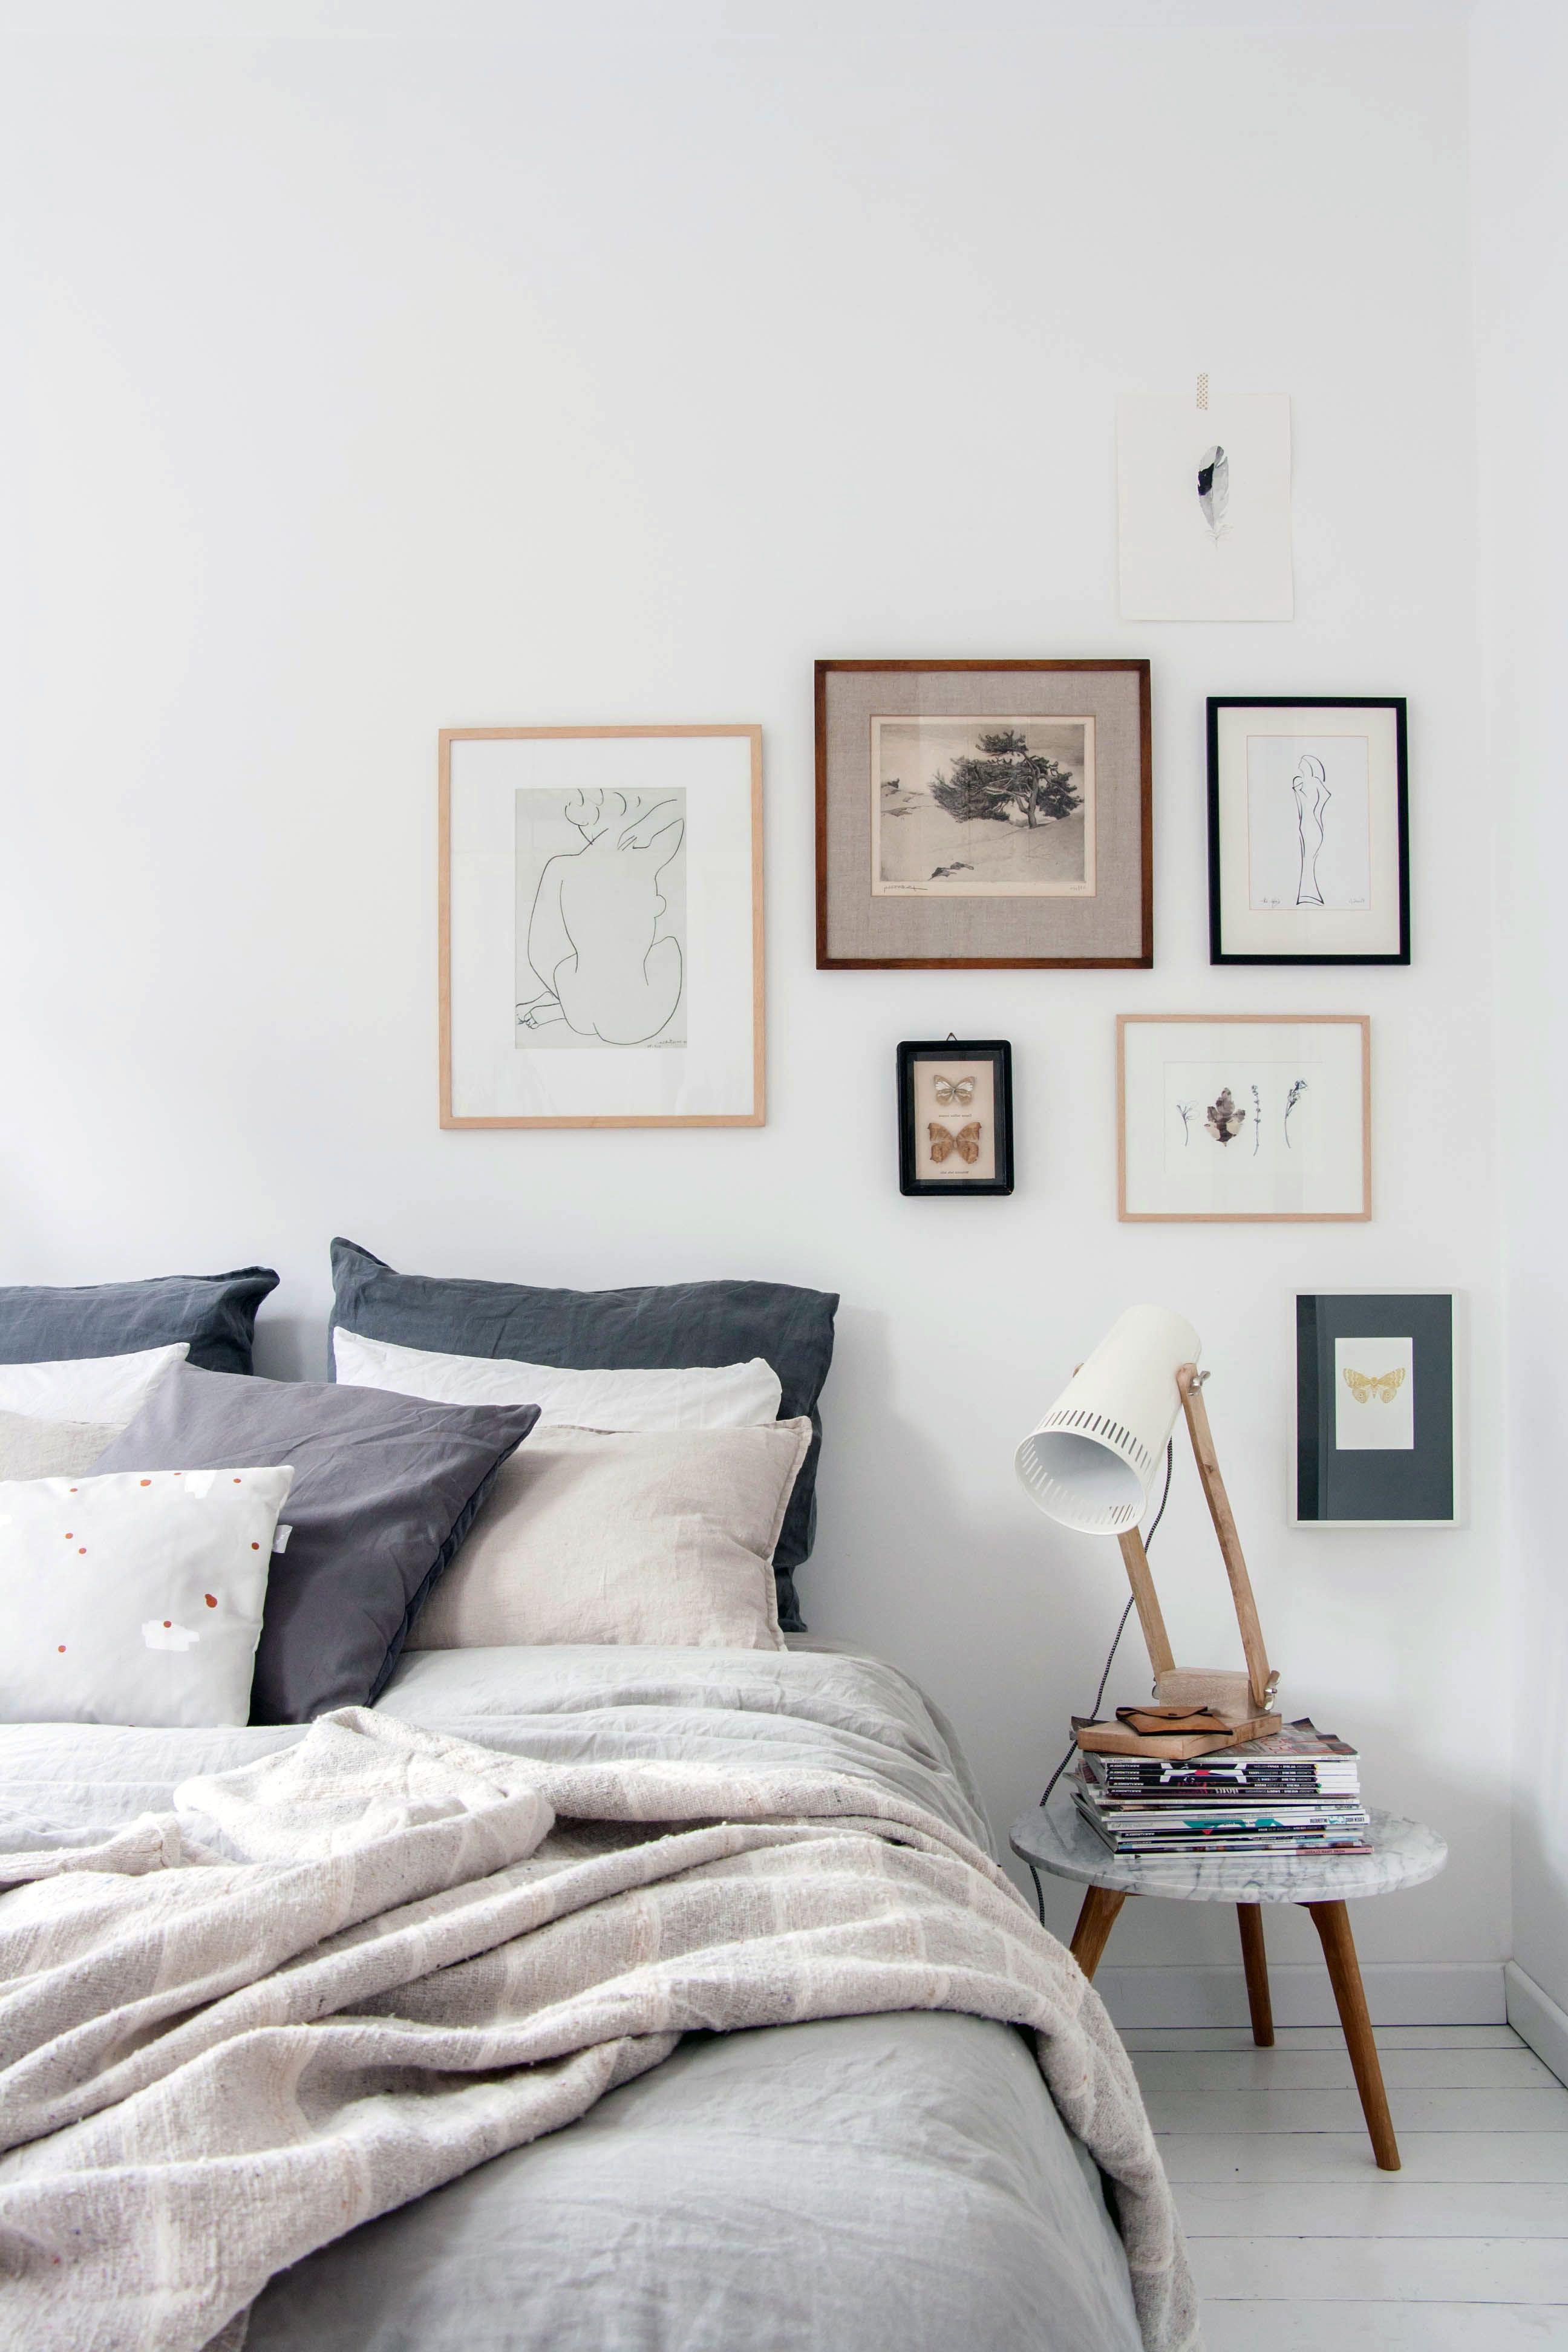 31 Beautiful Art Ideas For Scandinavian Interior Bedroom In 2020 Scandinavian Interior Bedroom Bedroom Interior Bedroom Design